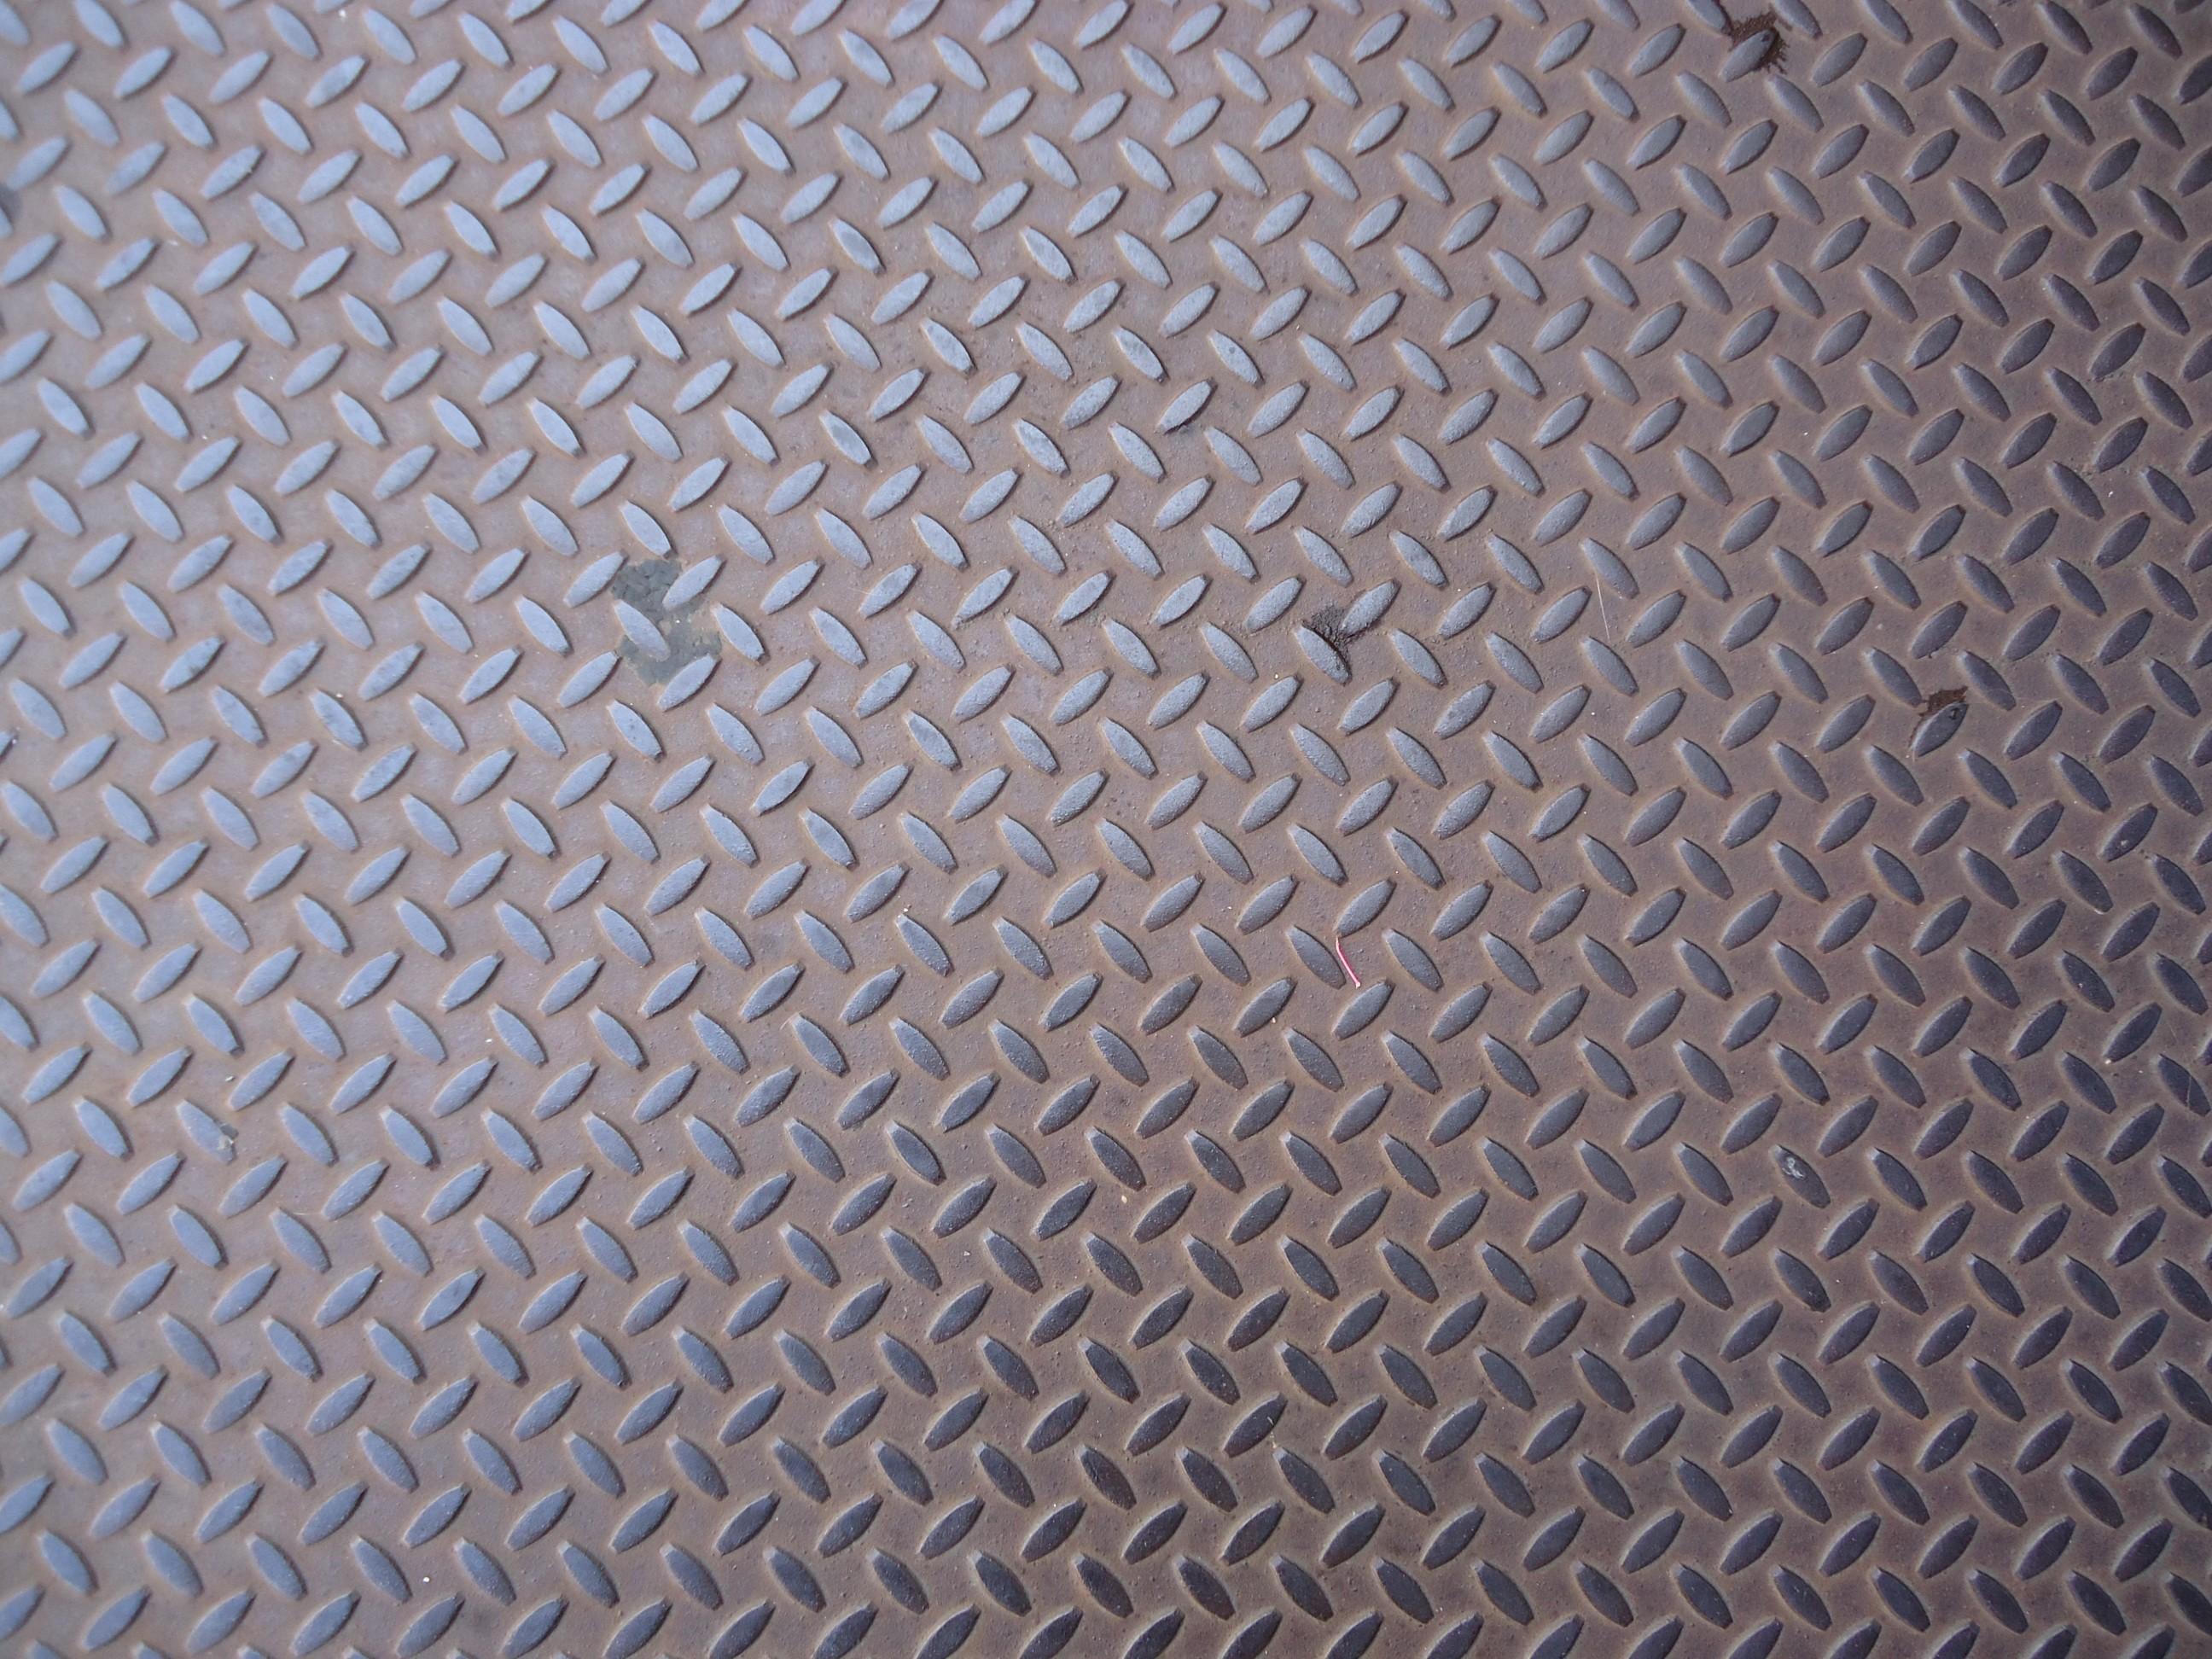 Metal Basement Doors 2592 x 1944